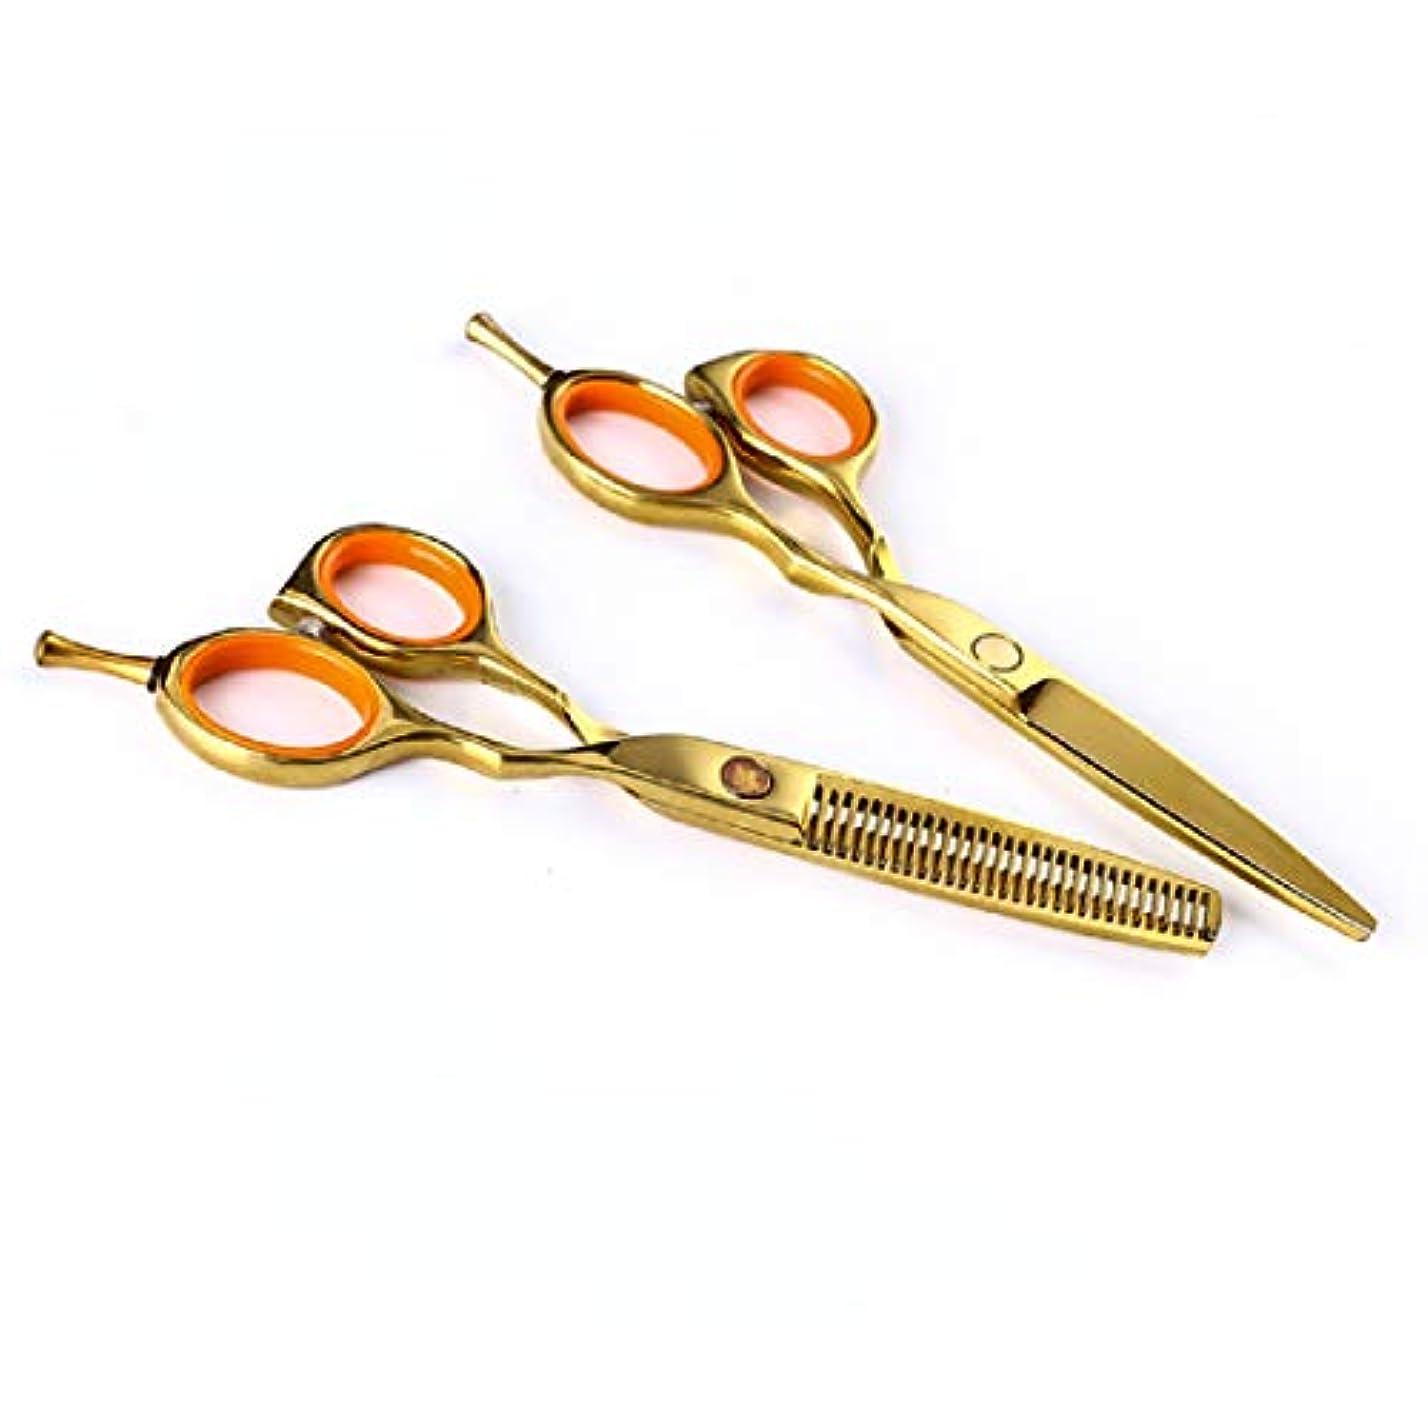 歩道祝福するモードJiaoran ゴールデン理髪はさみ、5.5インチプロフェッショナルはさみセットフラットはさみ+歯はさみセット (Color : Gold)